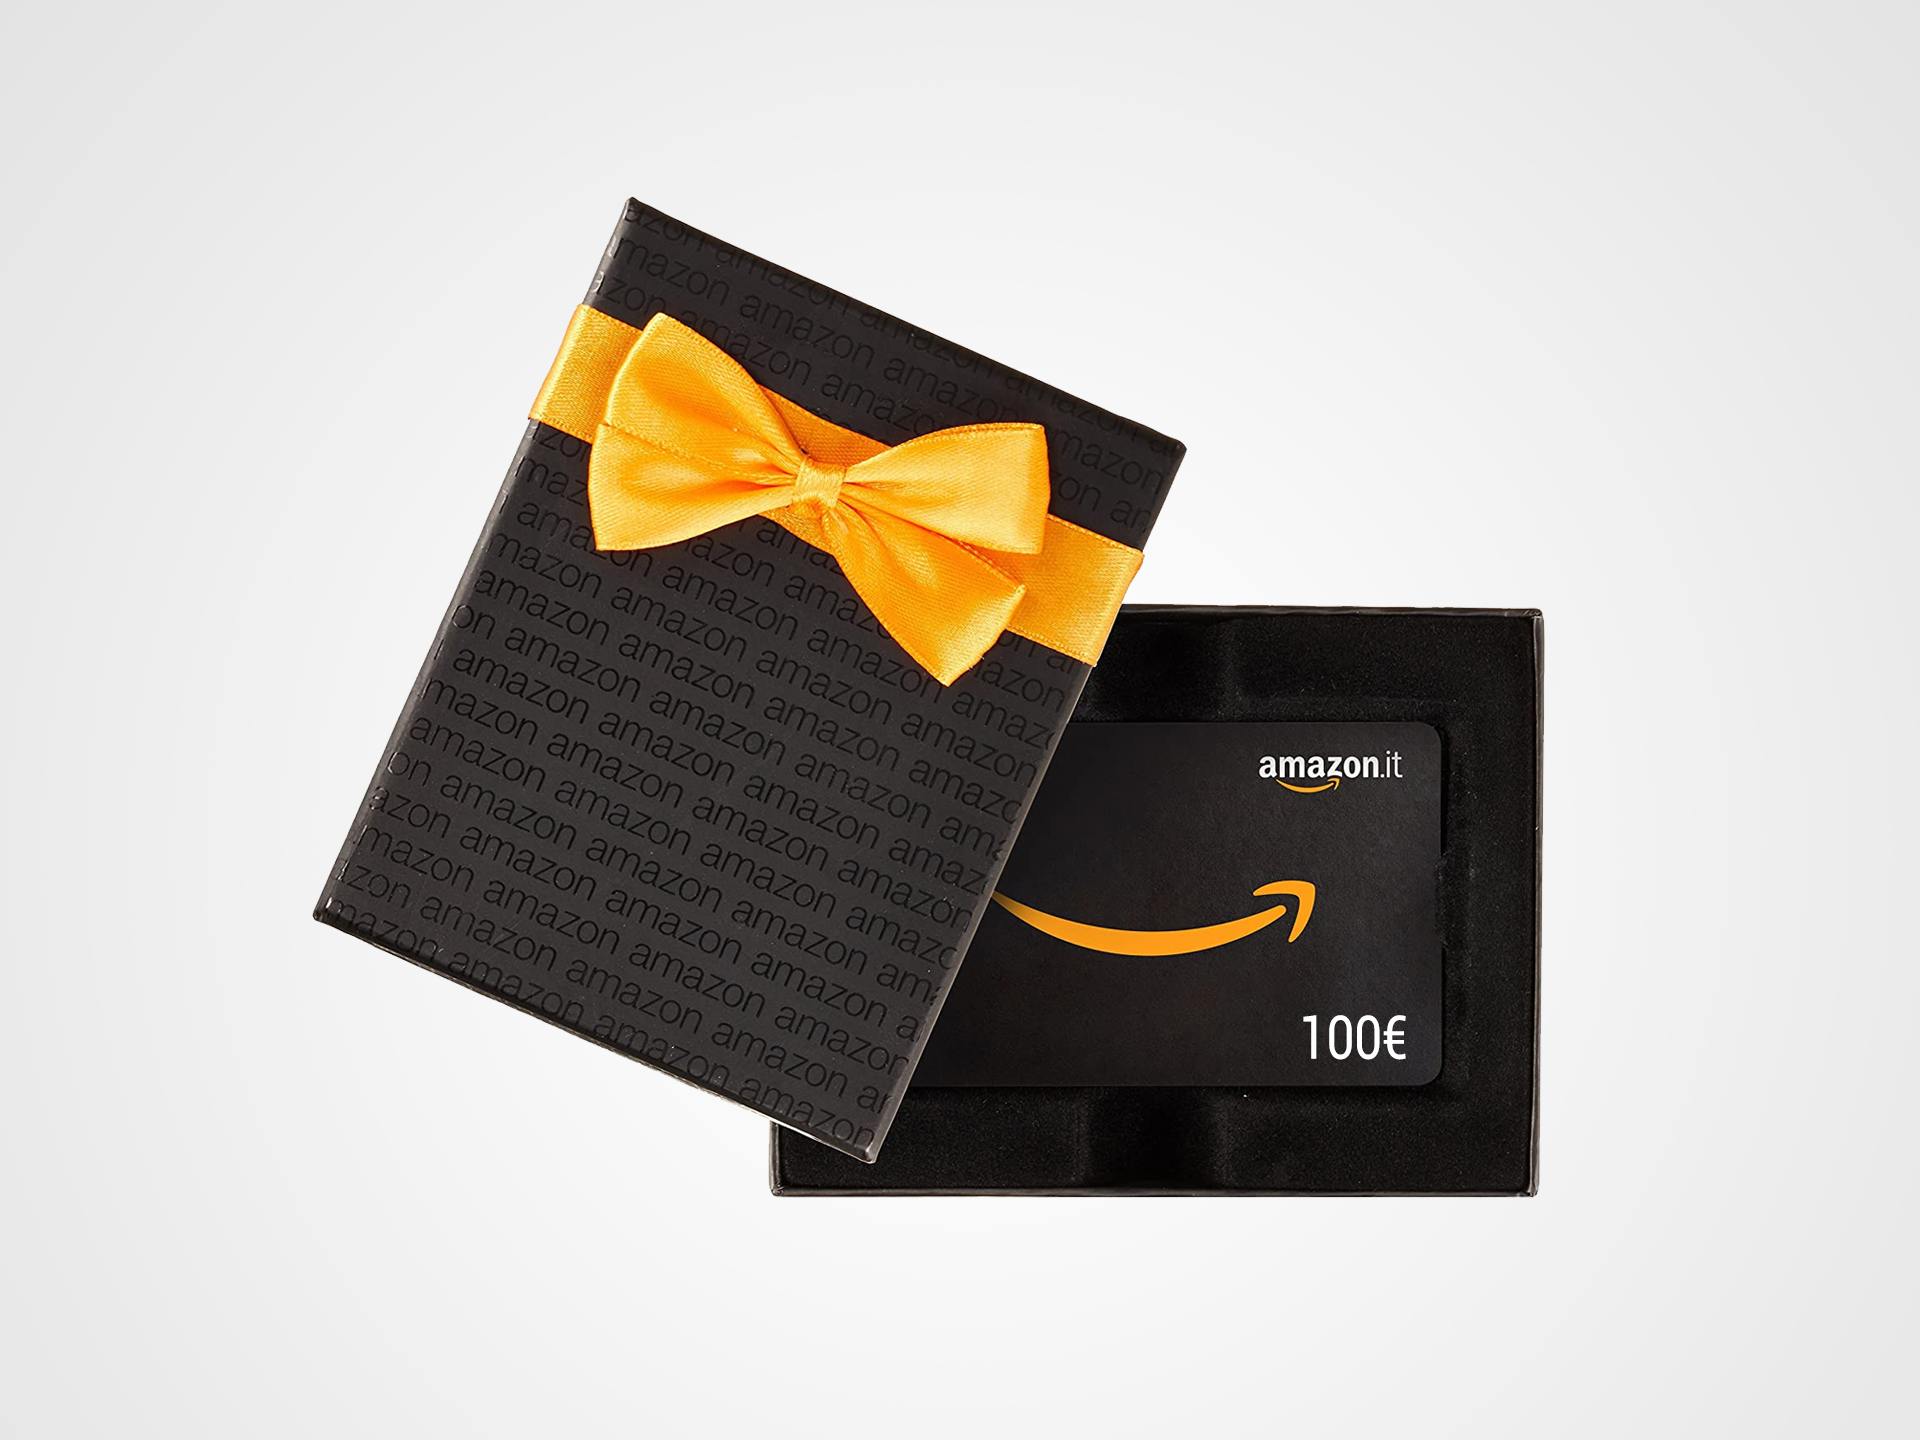 Buono Amazon da 100 Euro in regalo a chi apre un conto ING